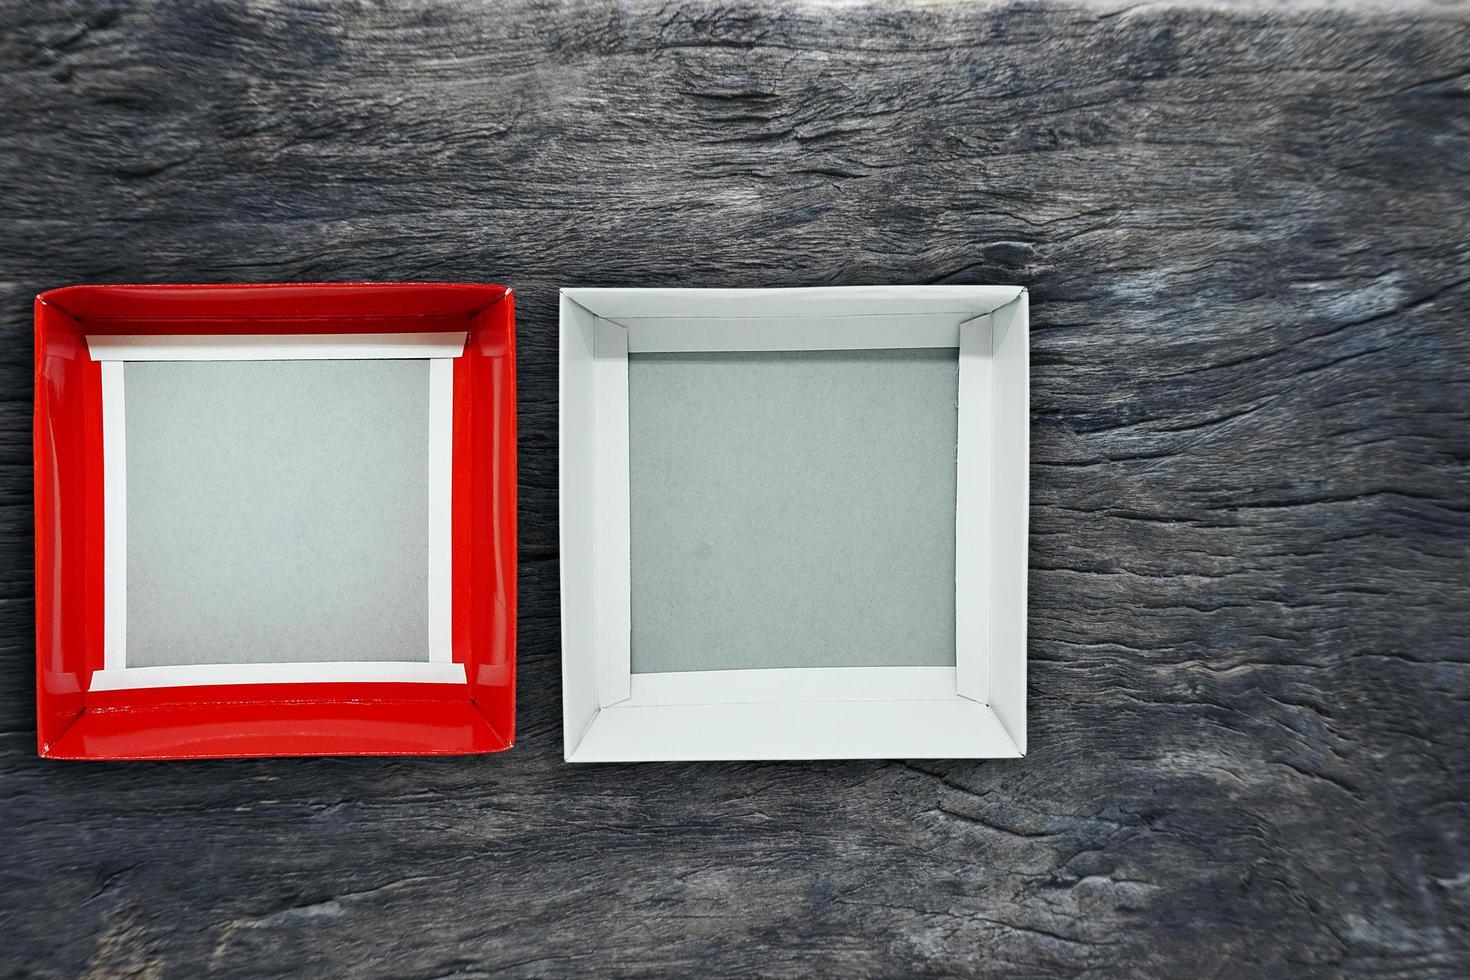 ovanifrån av öppen tom låda i rött och vitt på trä bakgrund foto